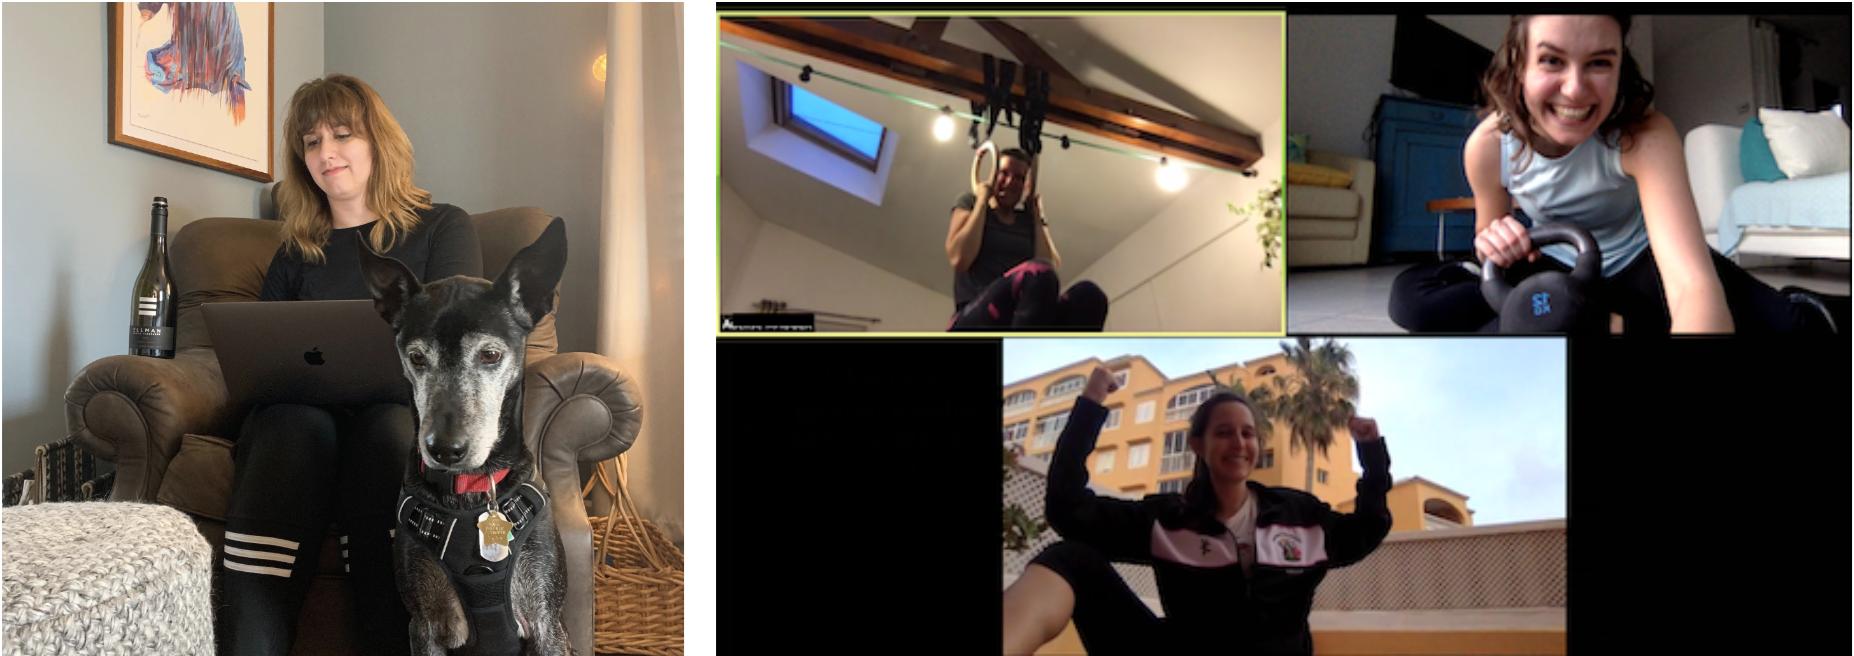 HomeExchange-Team-zu-Hause-Sport